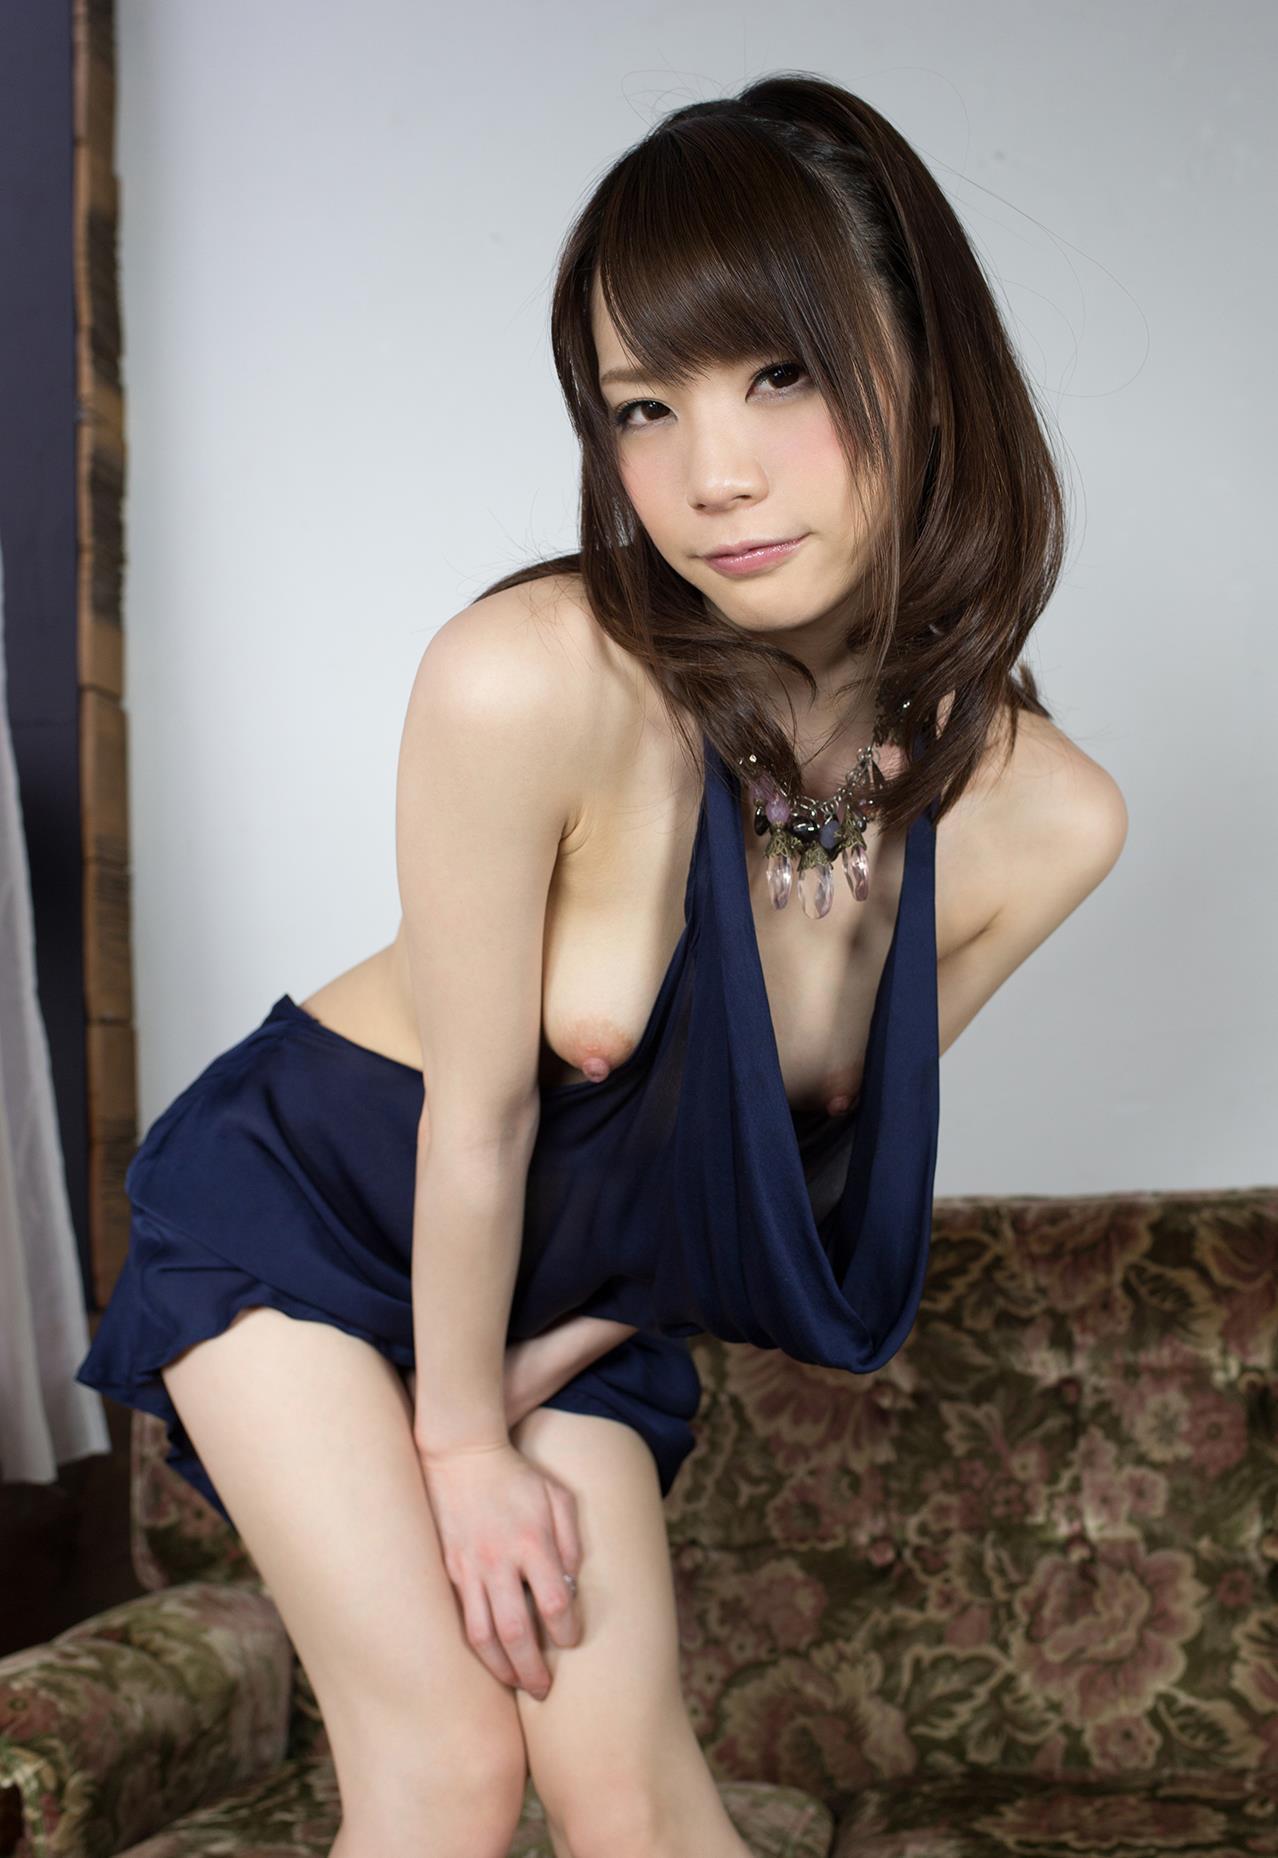 鈴村あいり 画像 91